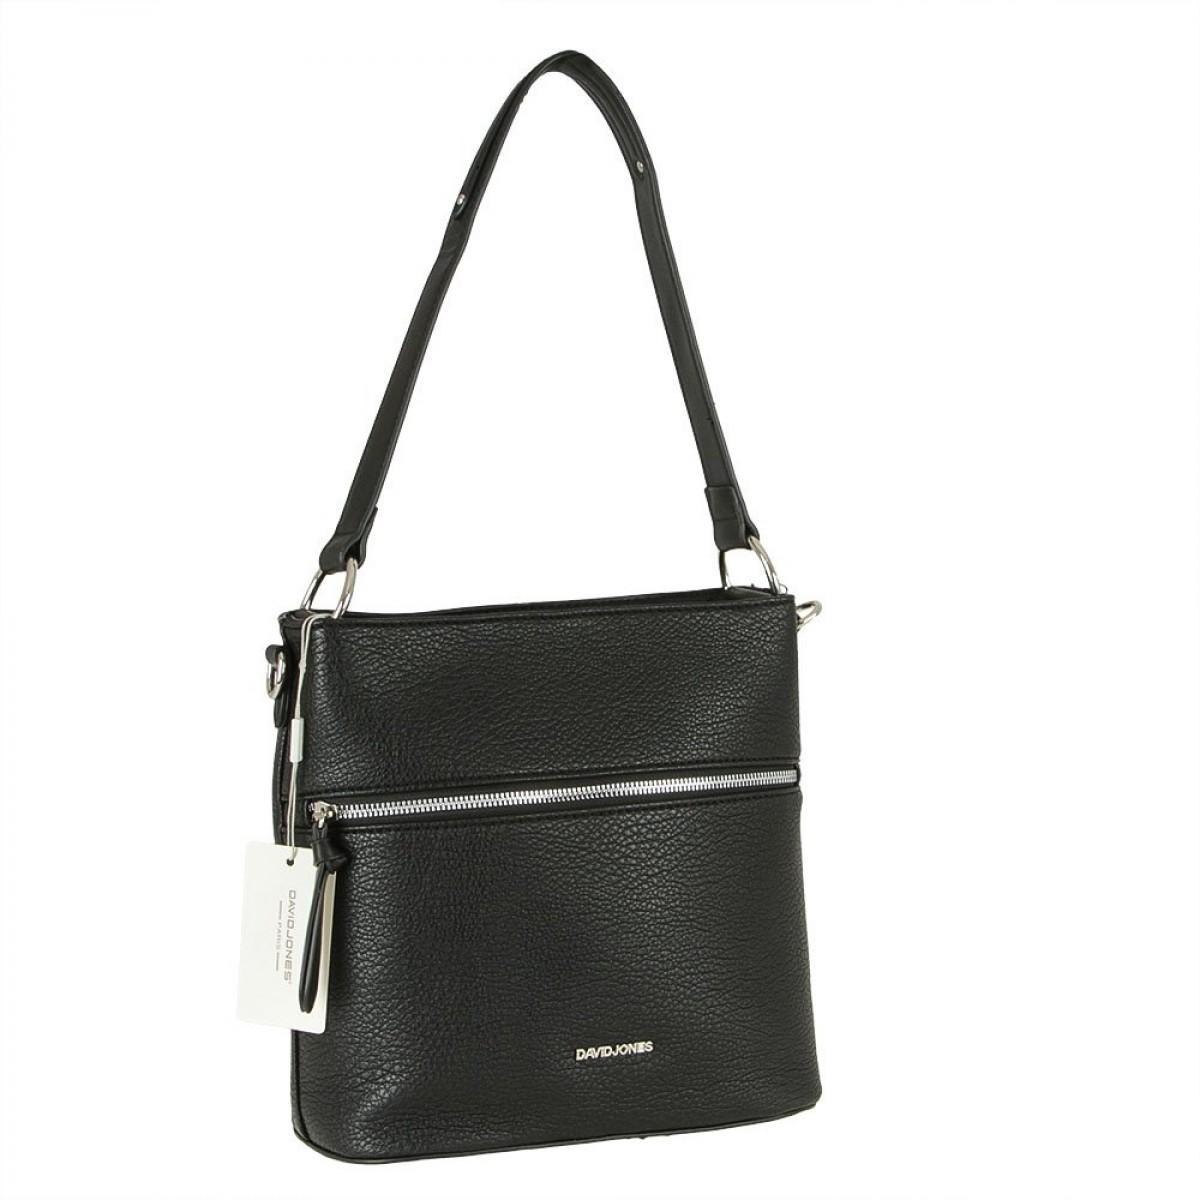 Жіноча сумка David Jones CM5900 BLACK